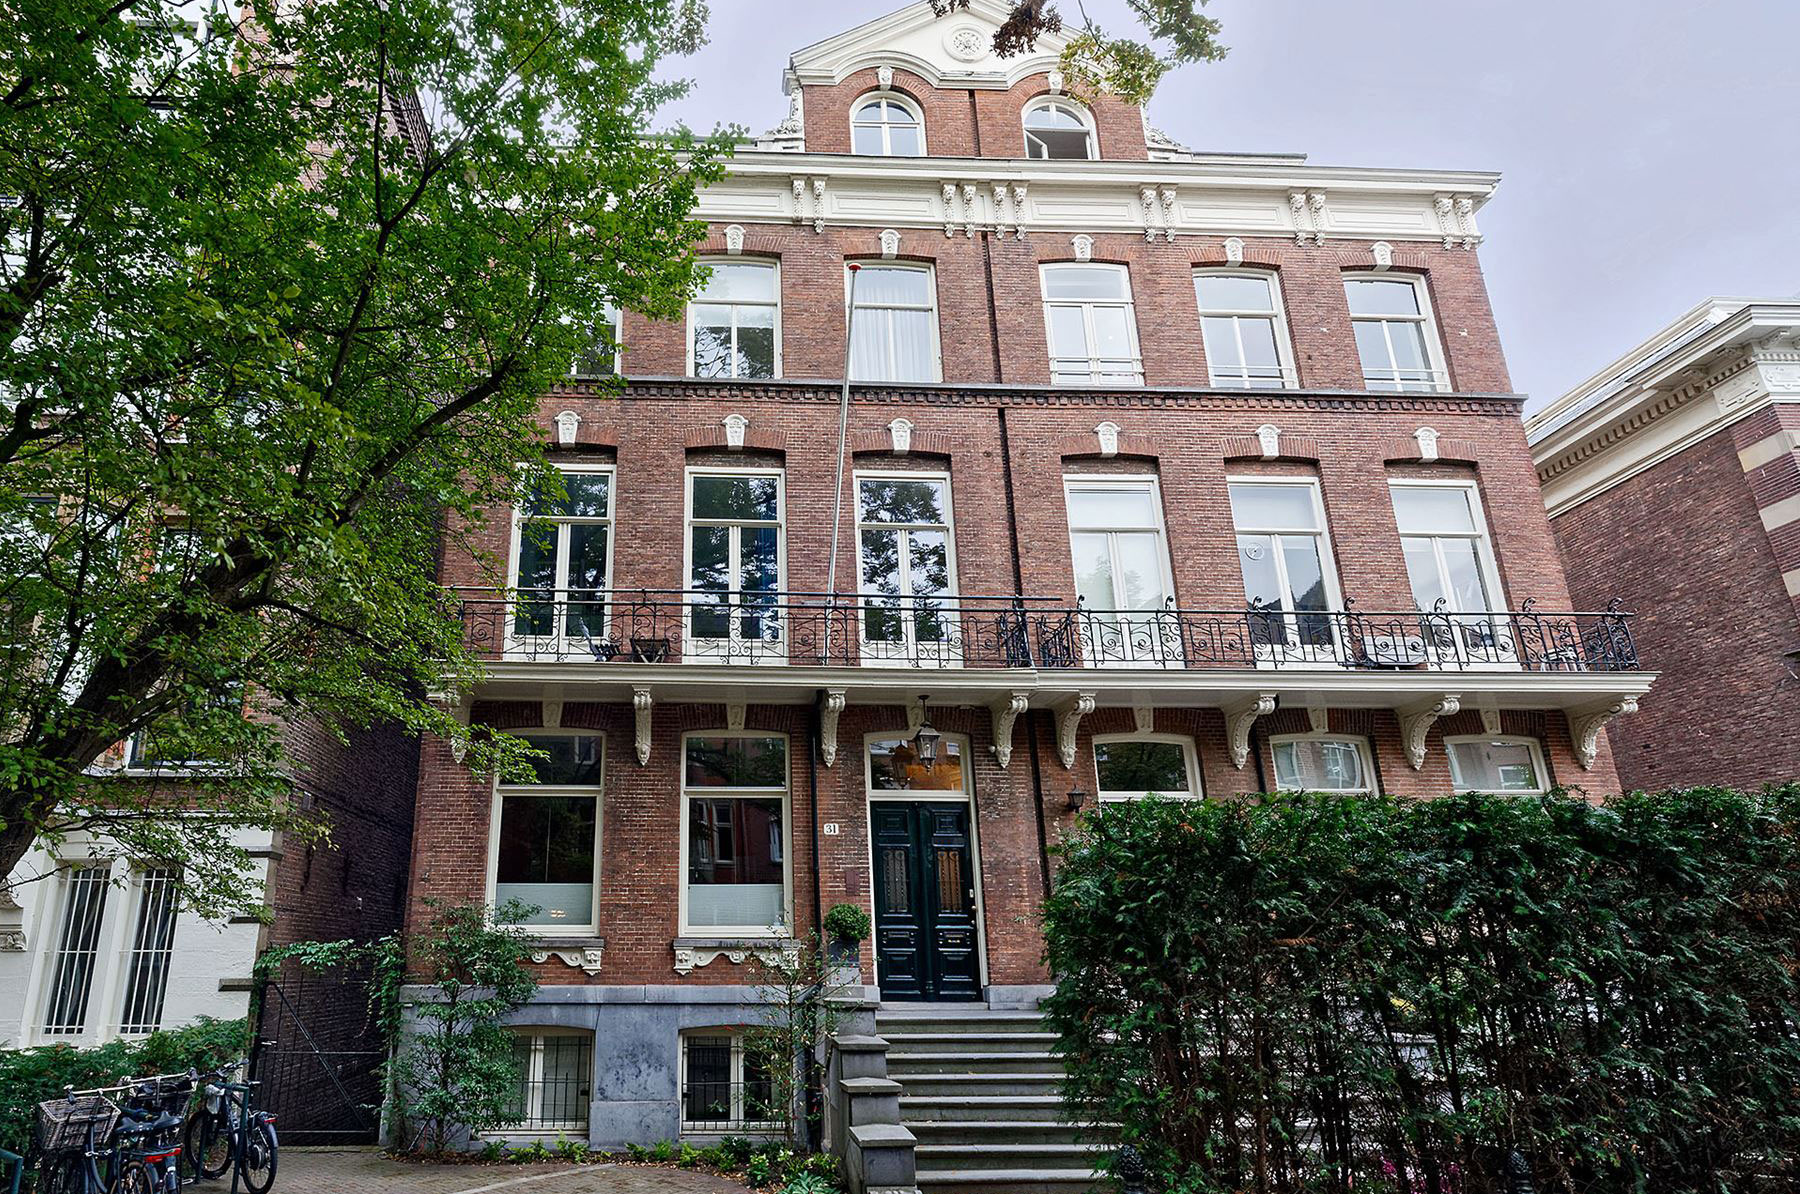 Современная жизнь пятиэтажного особняка 19 века в Амстердаме